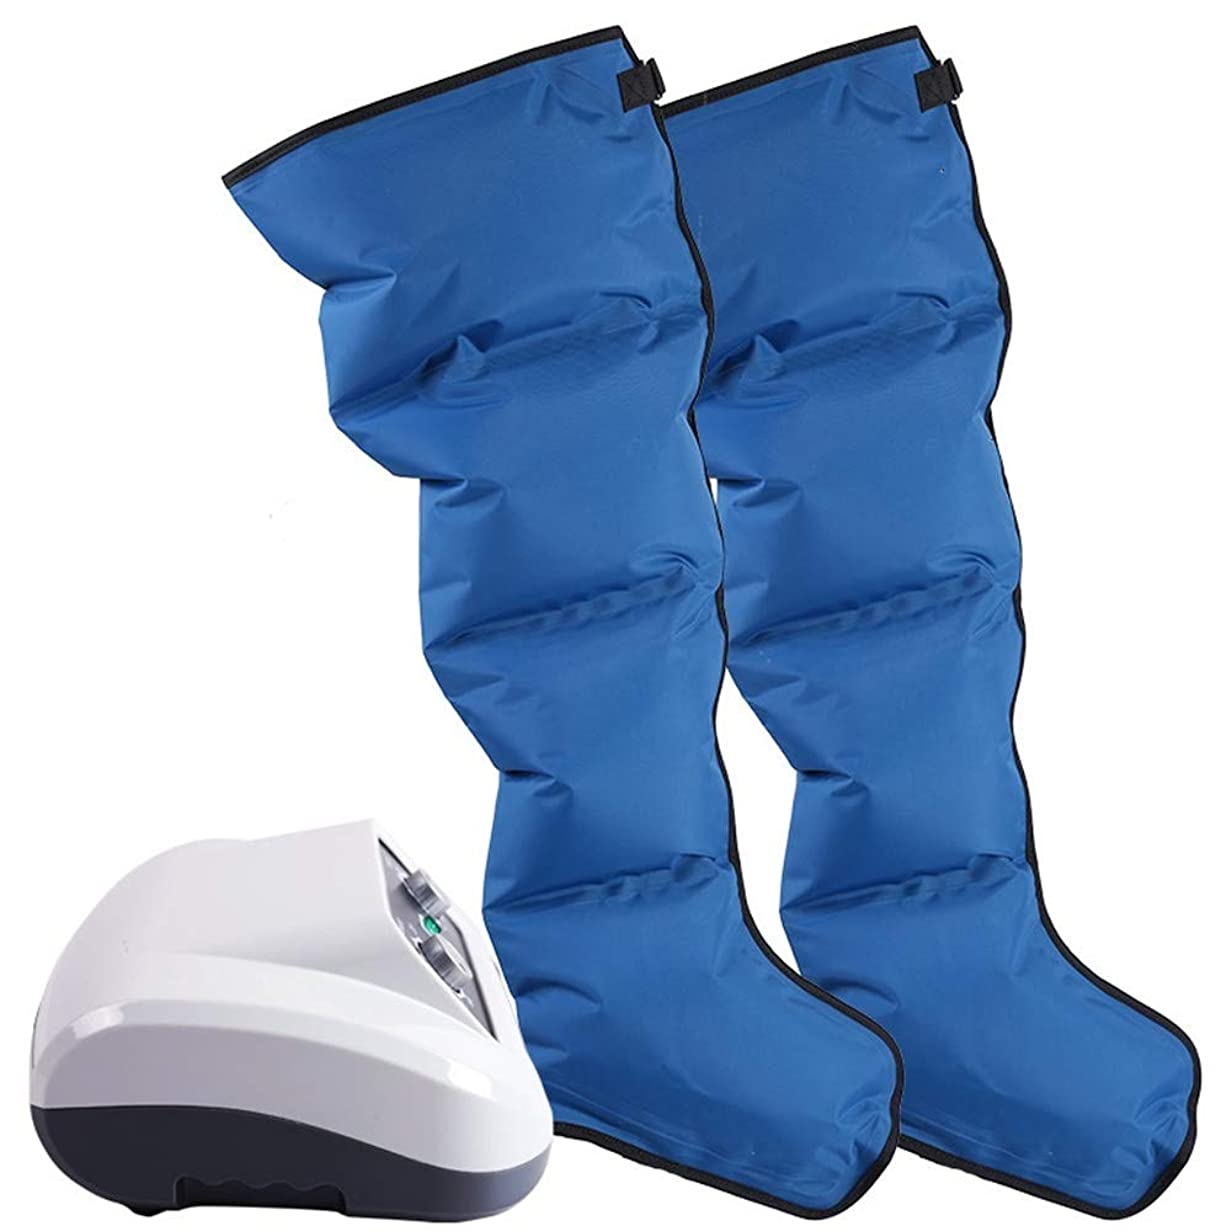 こどもの日縮約滅びるレッグエアマッサージ、高齢者空気圧レッグマッサージ、レッグアンドヒップリカバリーシステム、血液循環促進疲労の空気圧を緩和するフットレッグマッサージャー(ホスト付き)